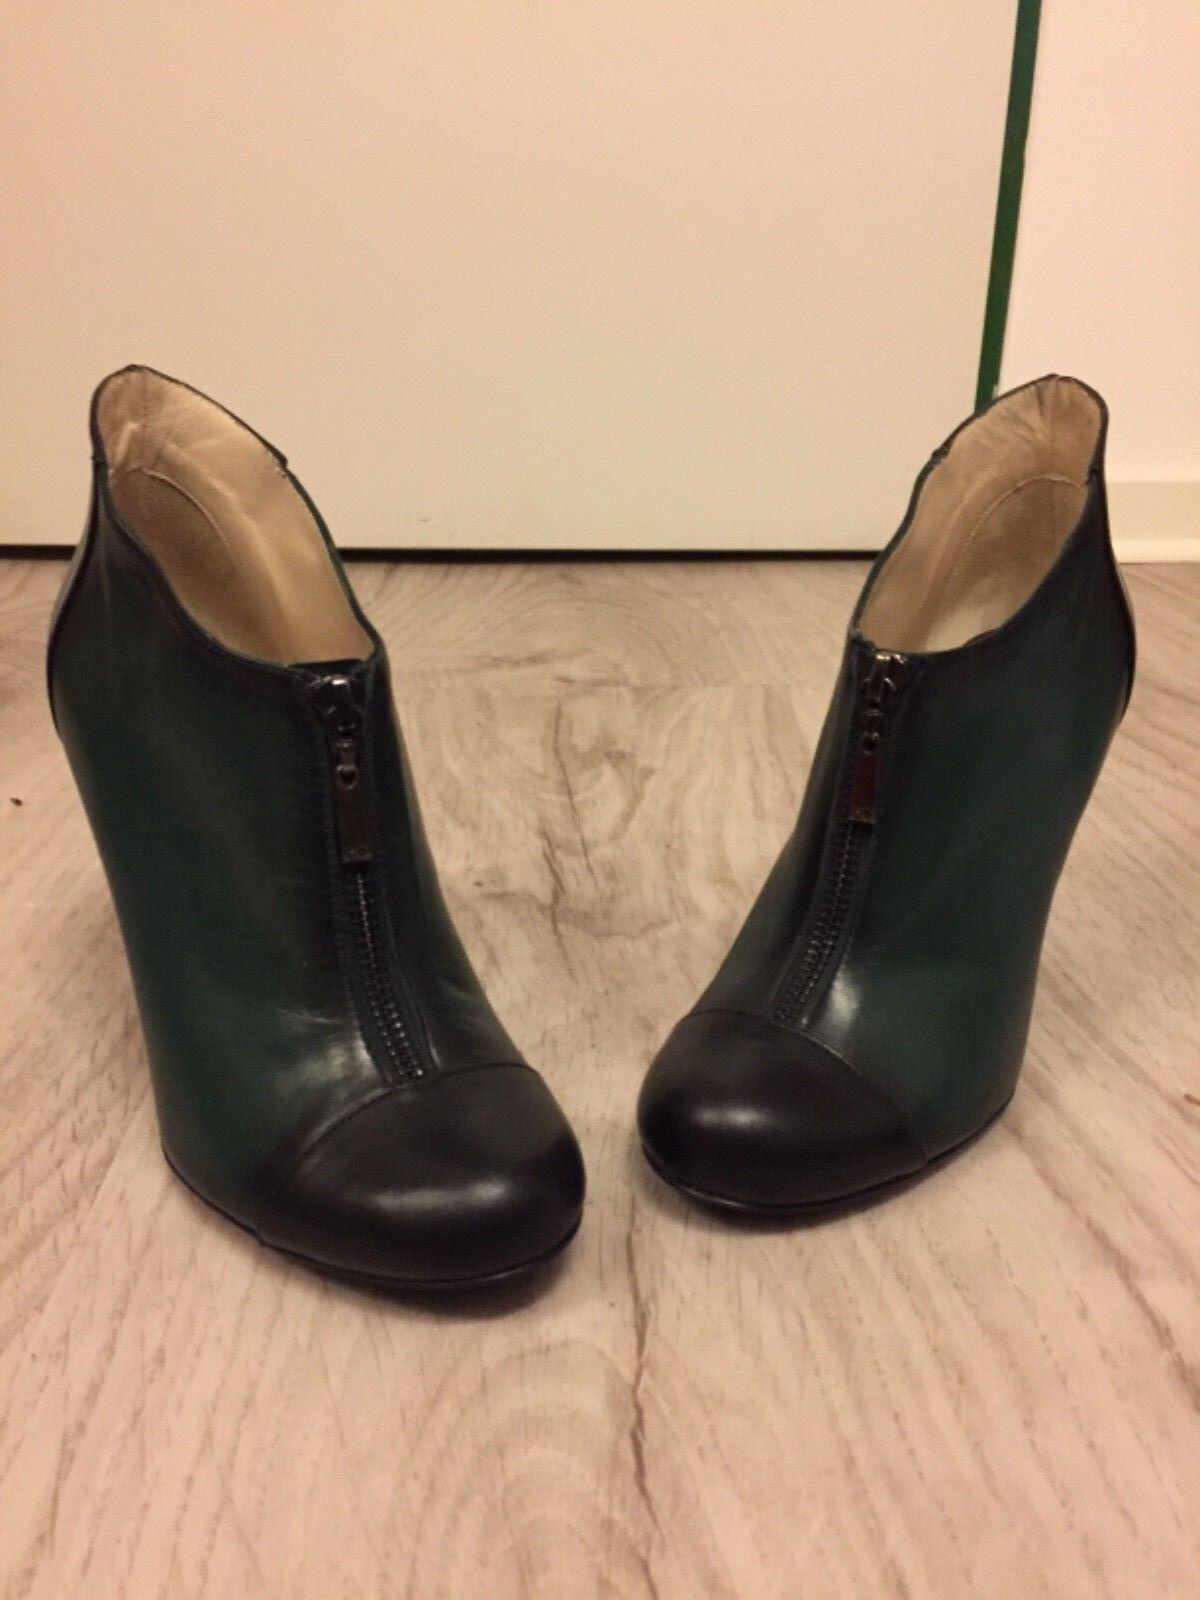 Stiefeletten, Gil, Gr.36,5, Paco Gil, Stiefeletten, 9cm Absatz, Bicolor grün-schwarz, NP 2dc488